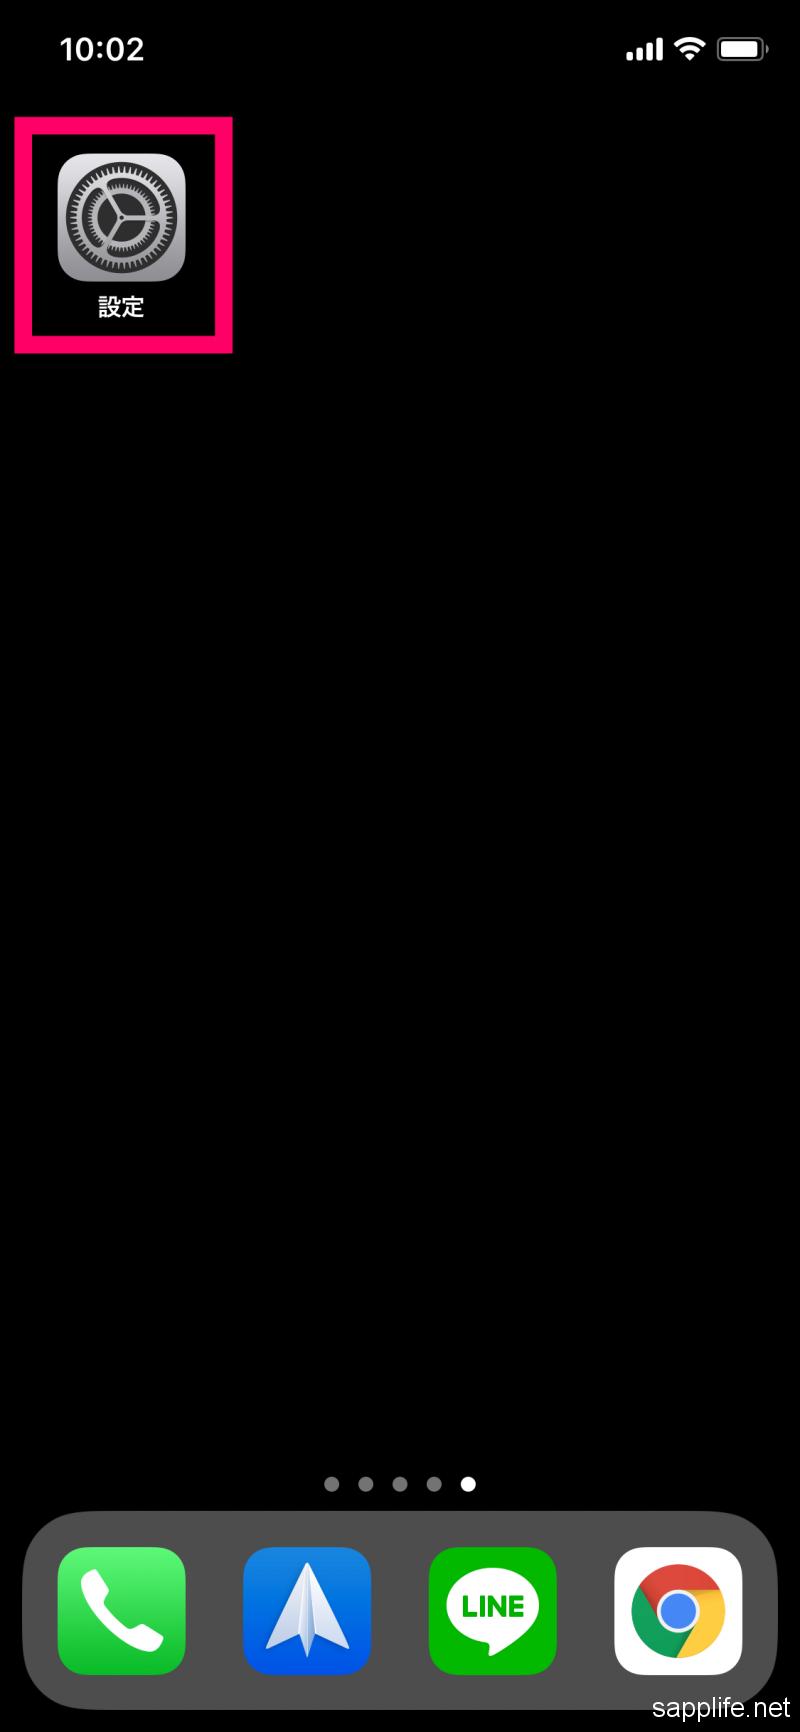 Iphoneのホーム画面 ロック画面の壁紙を変更する方法 スマホアプリ